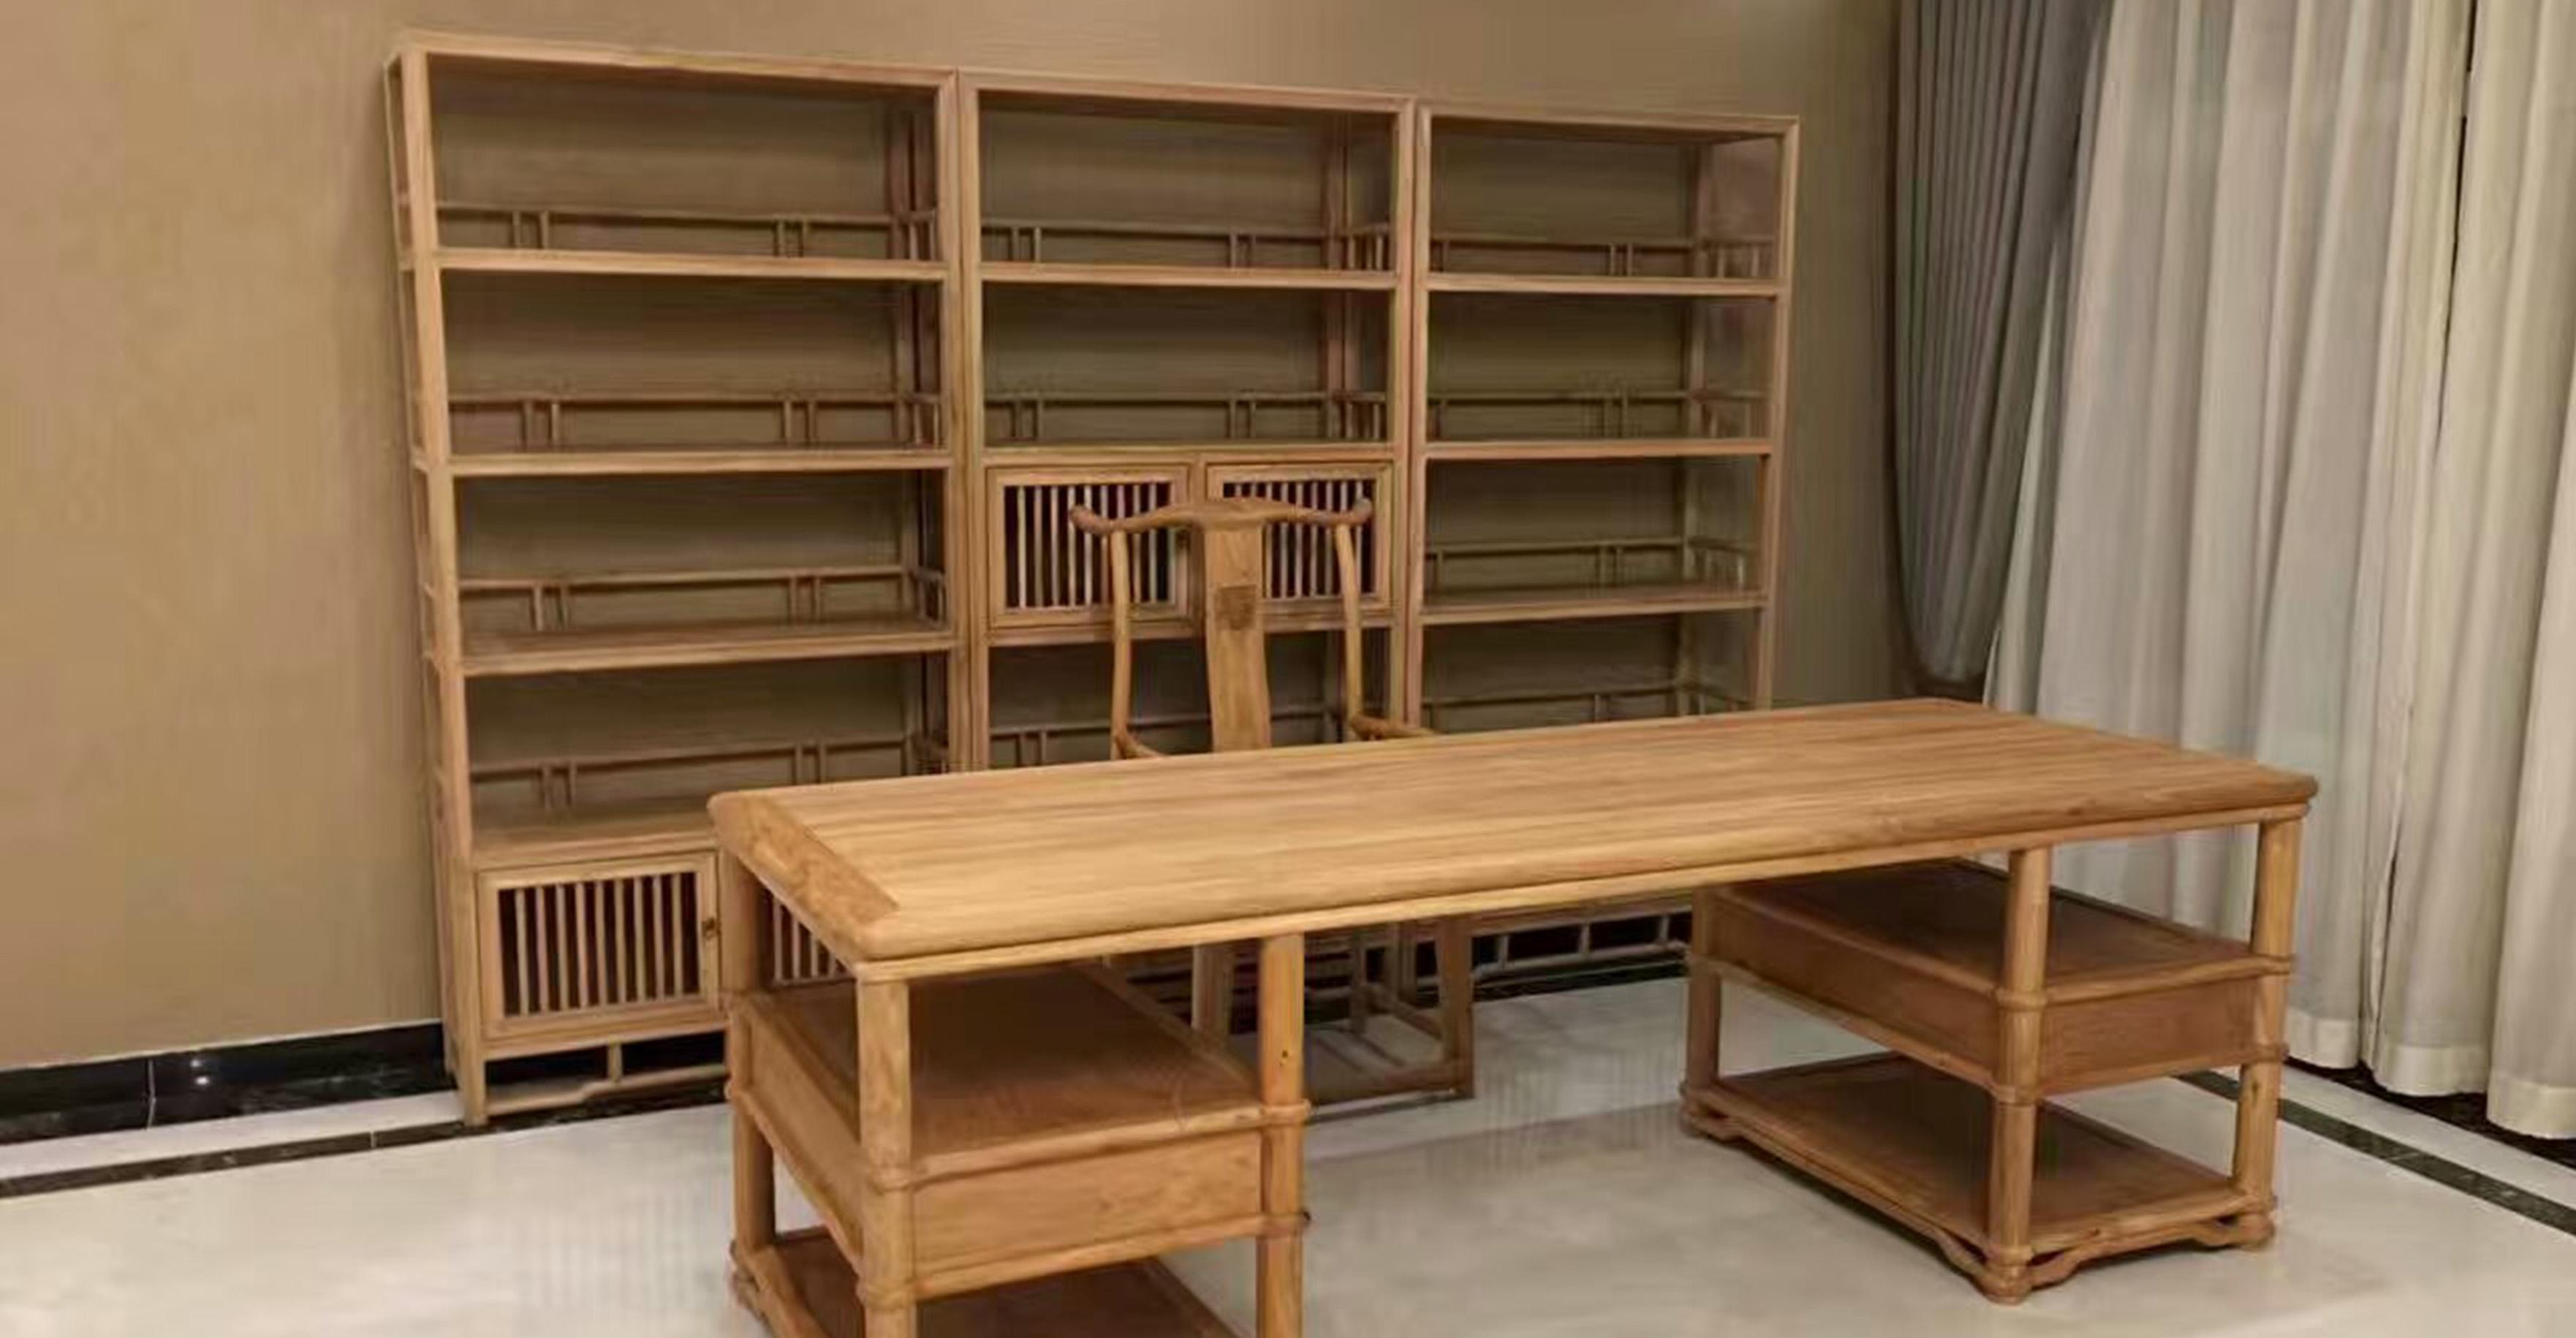 实木家具到底好不好,该选什么类型的木材